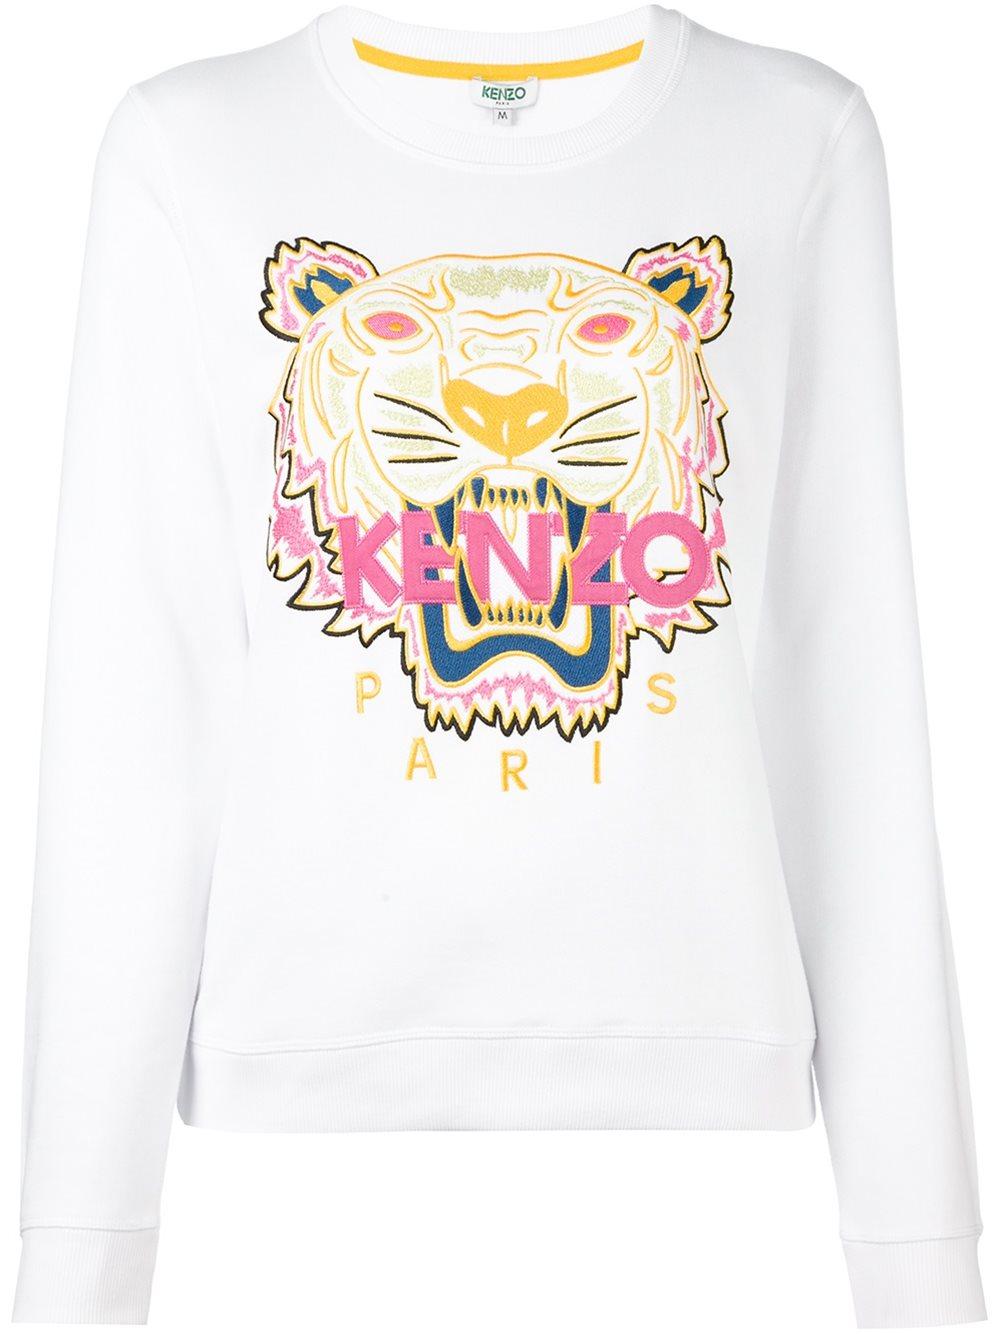 De Pull Femme Pas Cher dédié Tigre Groupe Promotion Kenzo À vwynmN80O